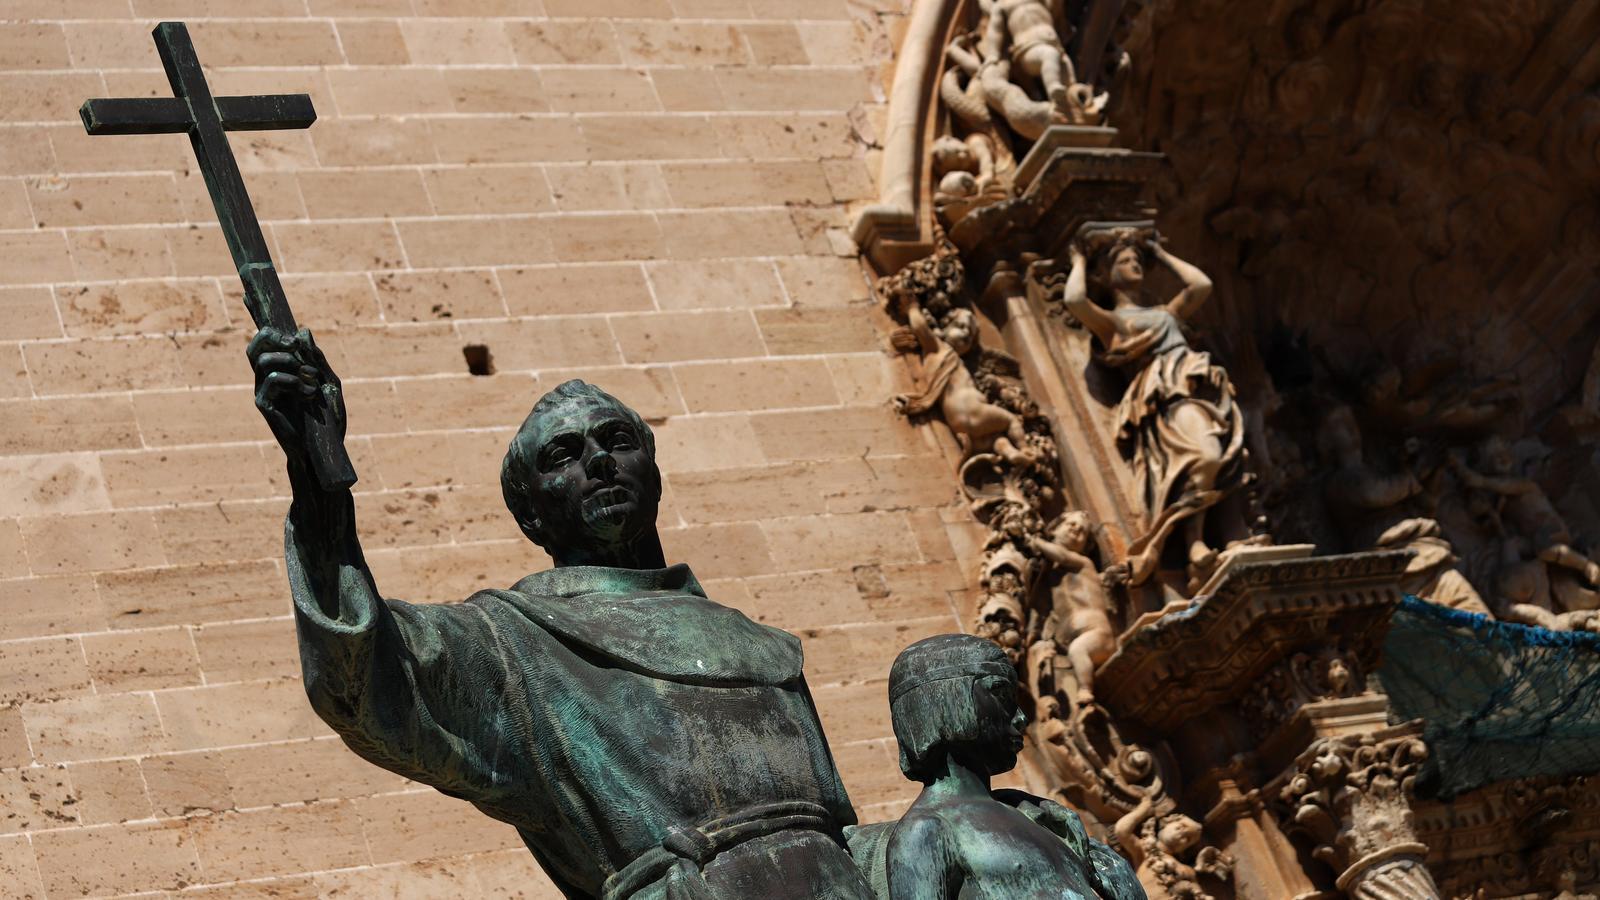 L'estàtua de Juníper Serra a la plaça Sant Francesc de Palma